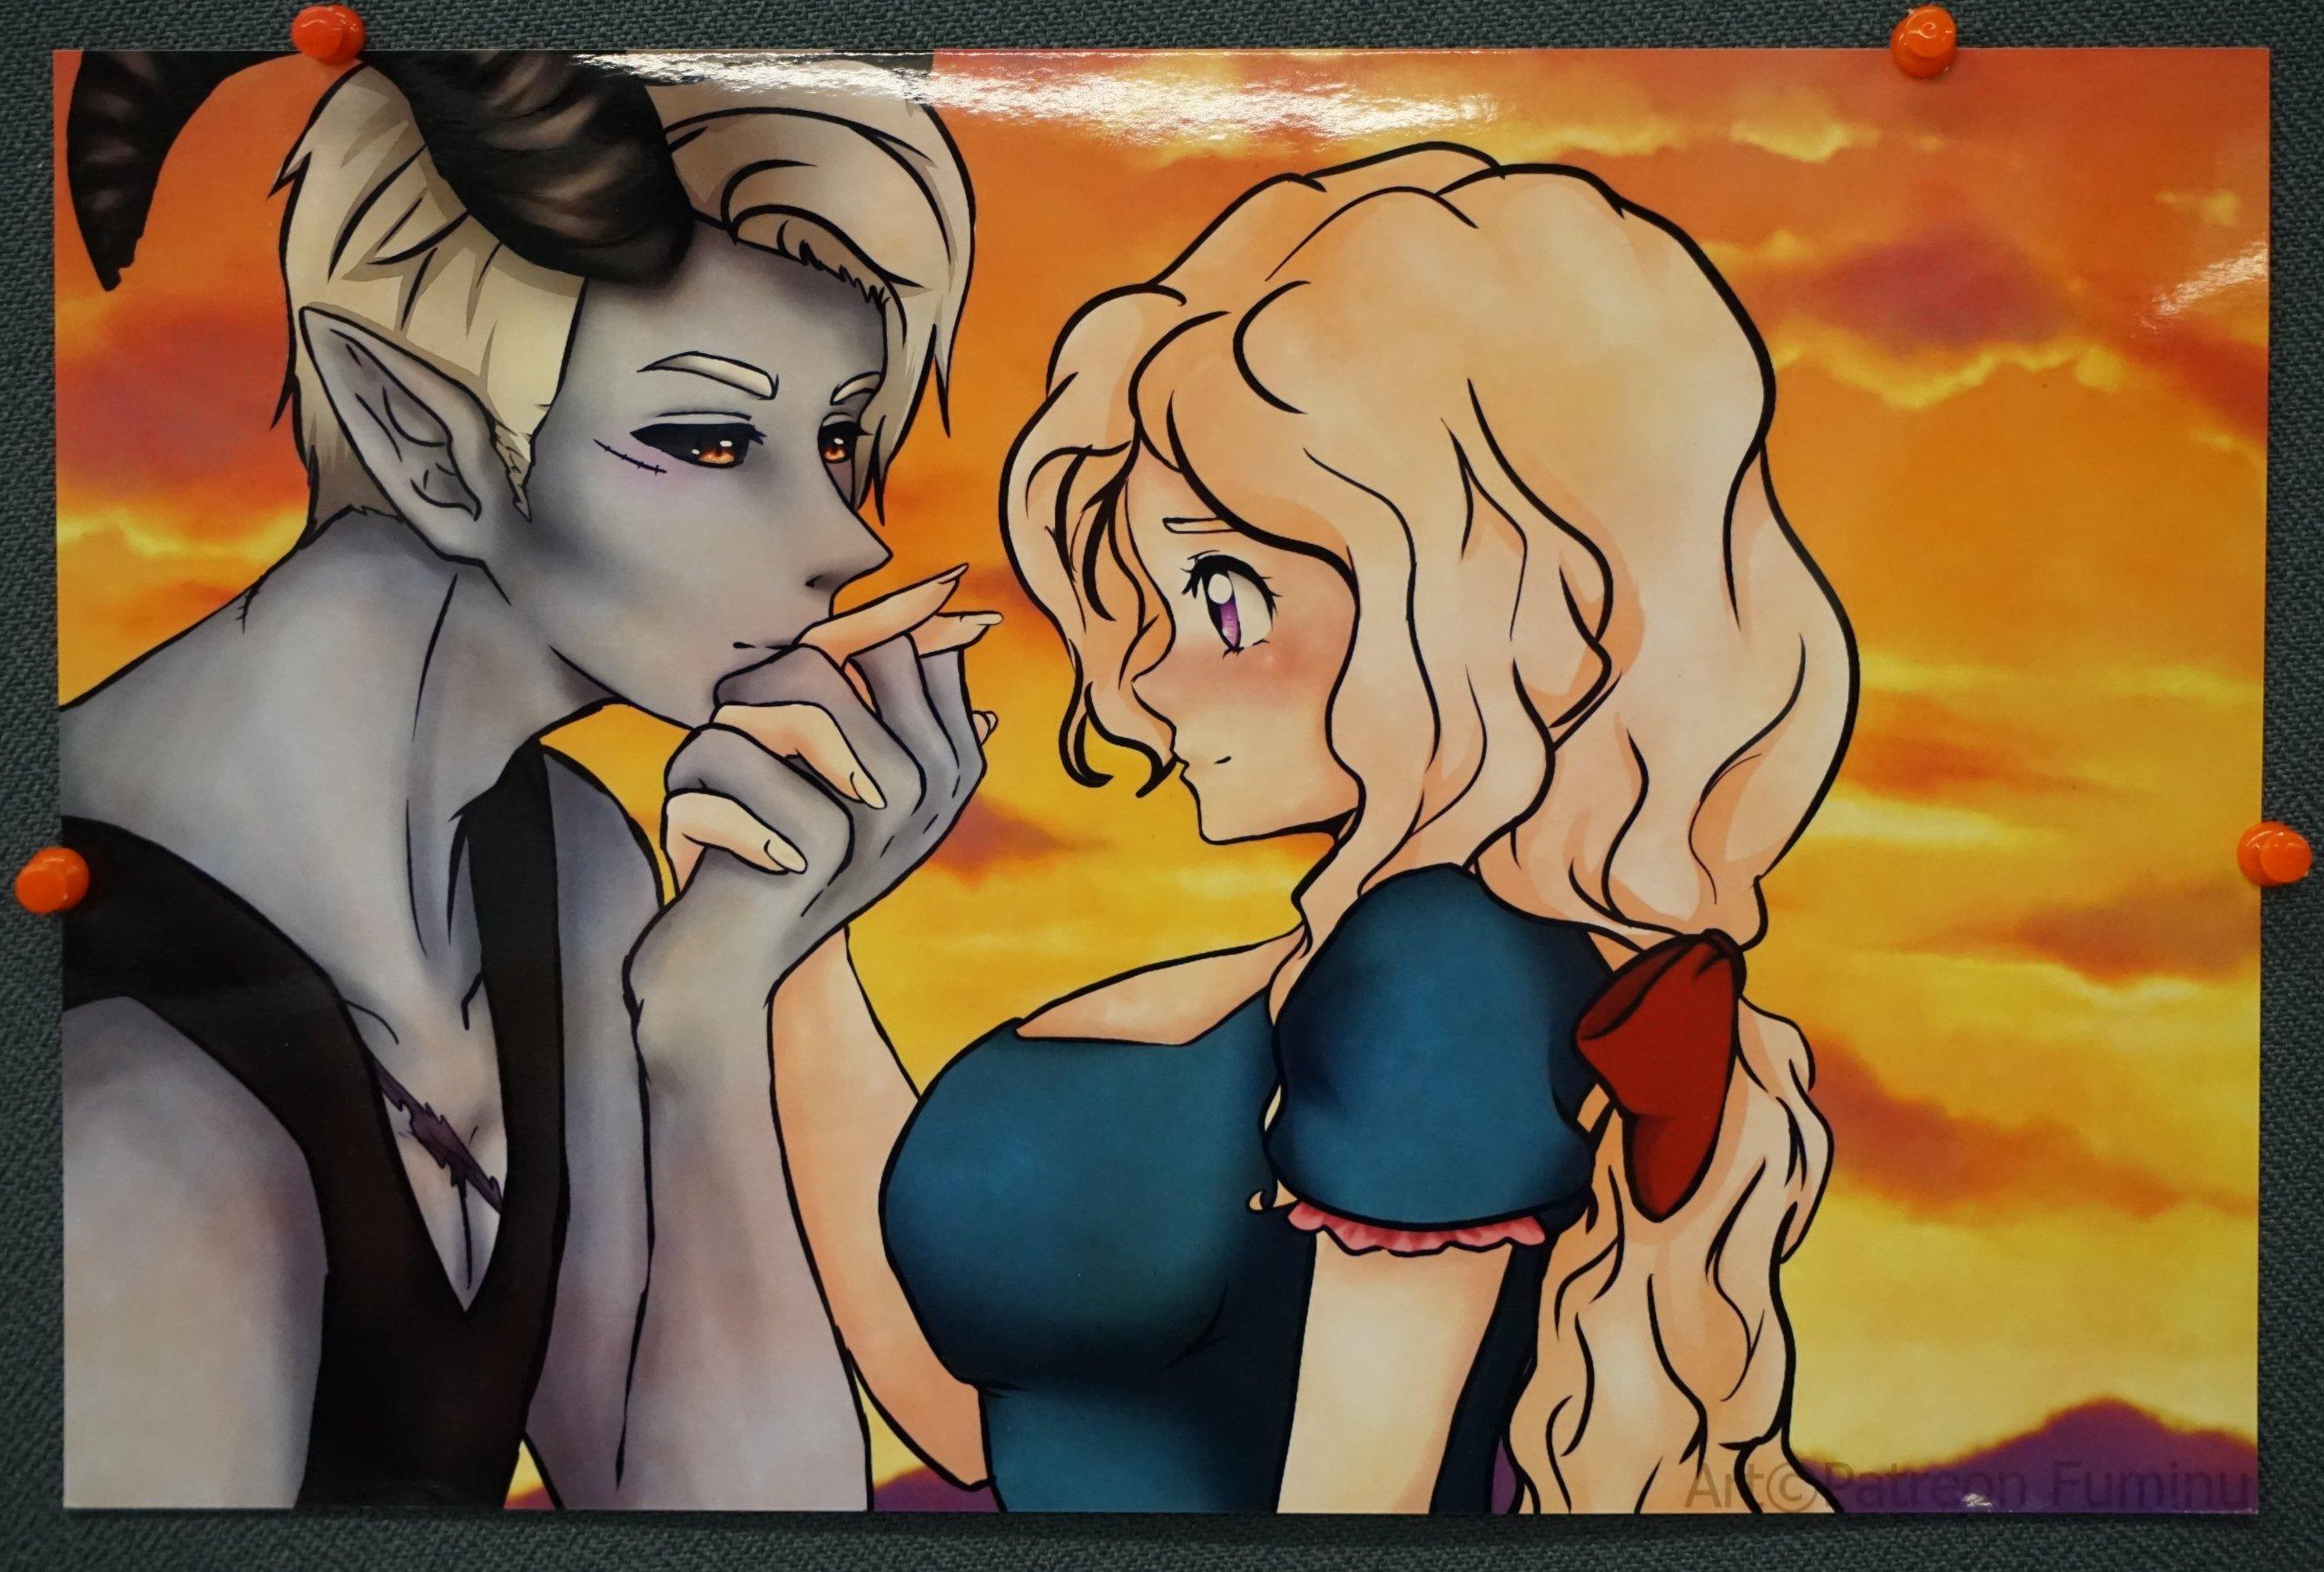 Das Bild zeigt ein weiteres Manga von Fuminu, im großen Raum des Kiezladens WAMA ausgestellt.